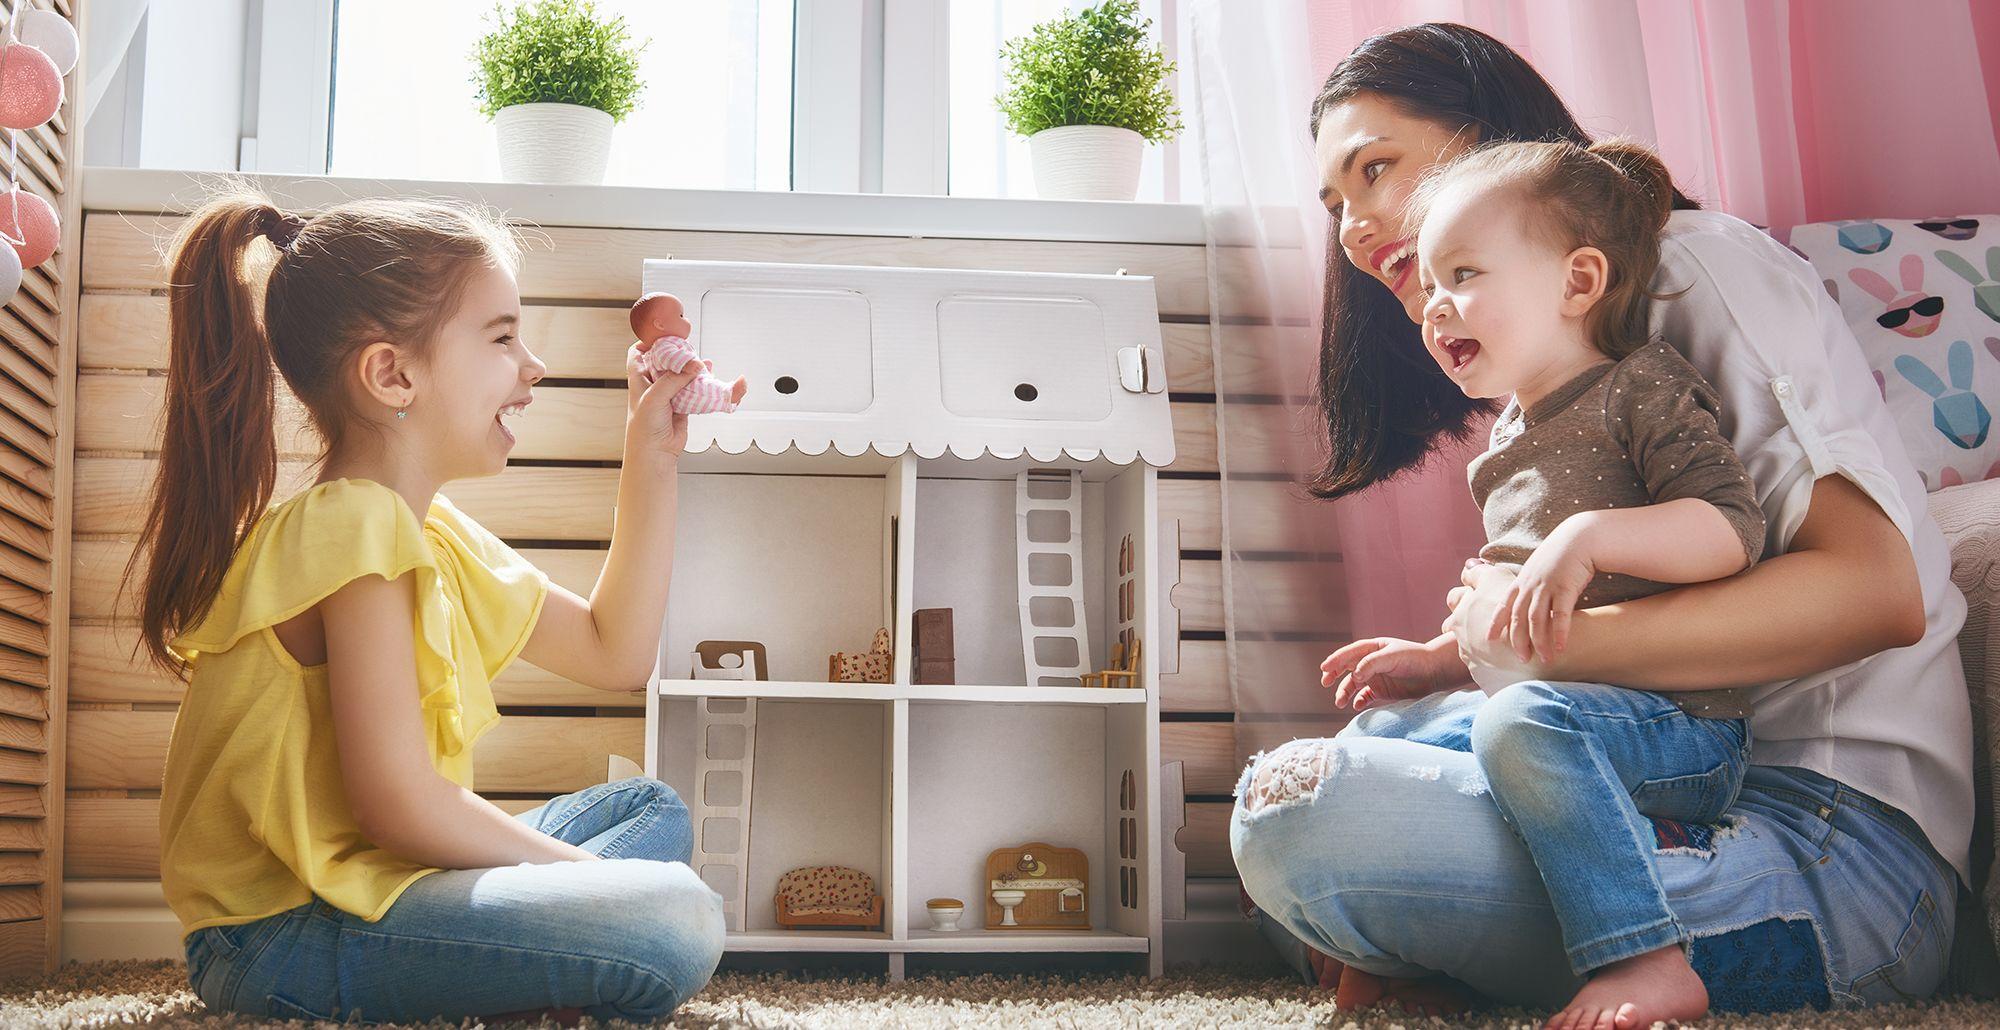 Le Bon Coin Coffre A Jouet les meilleurs jouets en bois : les mieux notés avec vos